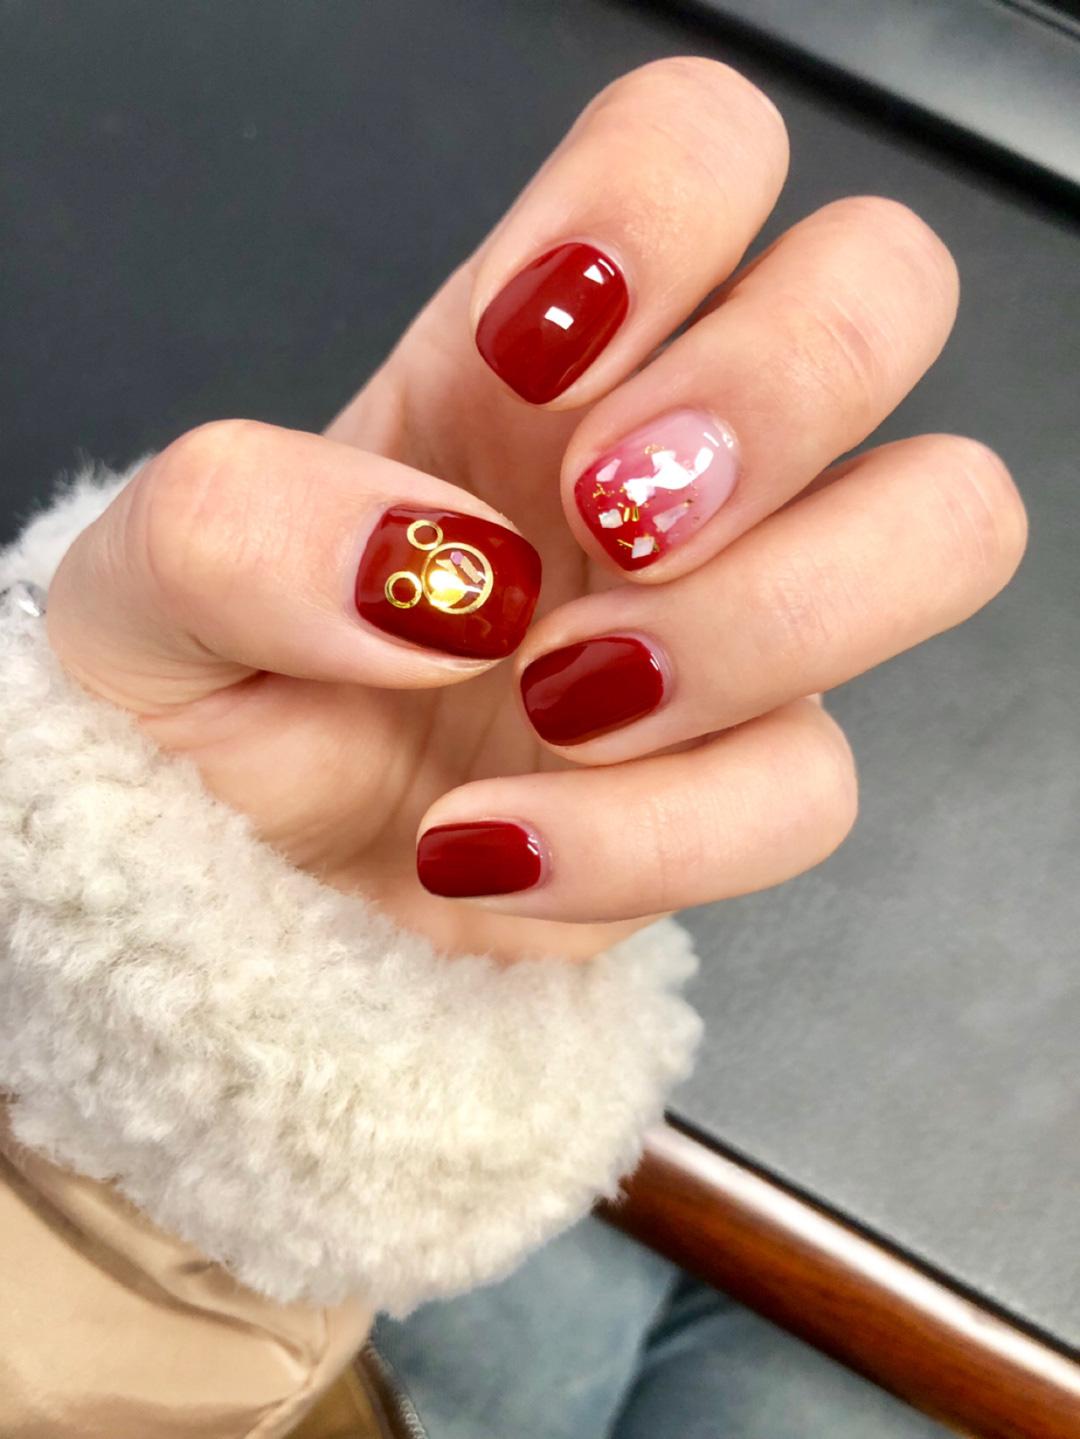 Gợi ý 12 mẫu nails vừa đơn giản lại đẹp sang, rất hợp dịp Tết Canh Tý 2020  - Ảnh 1.